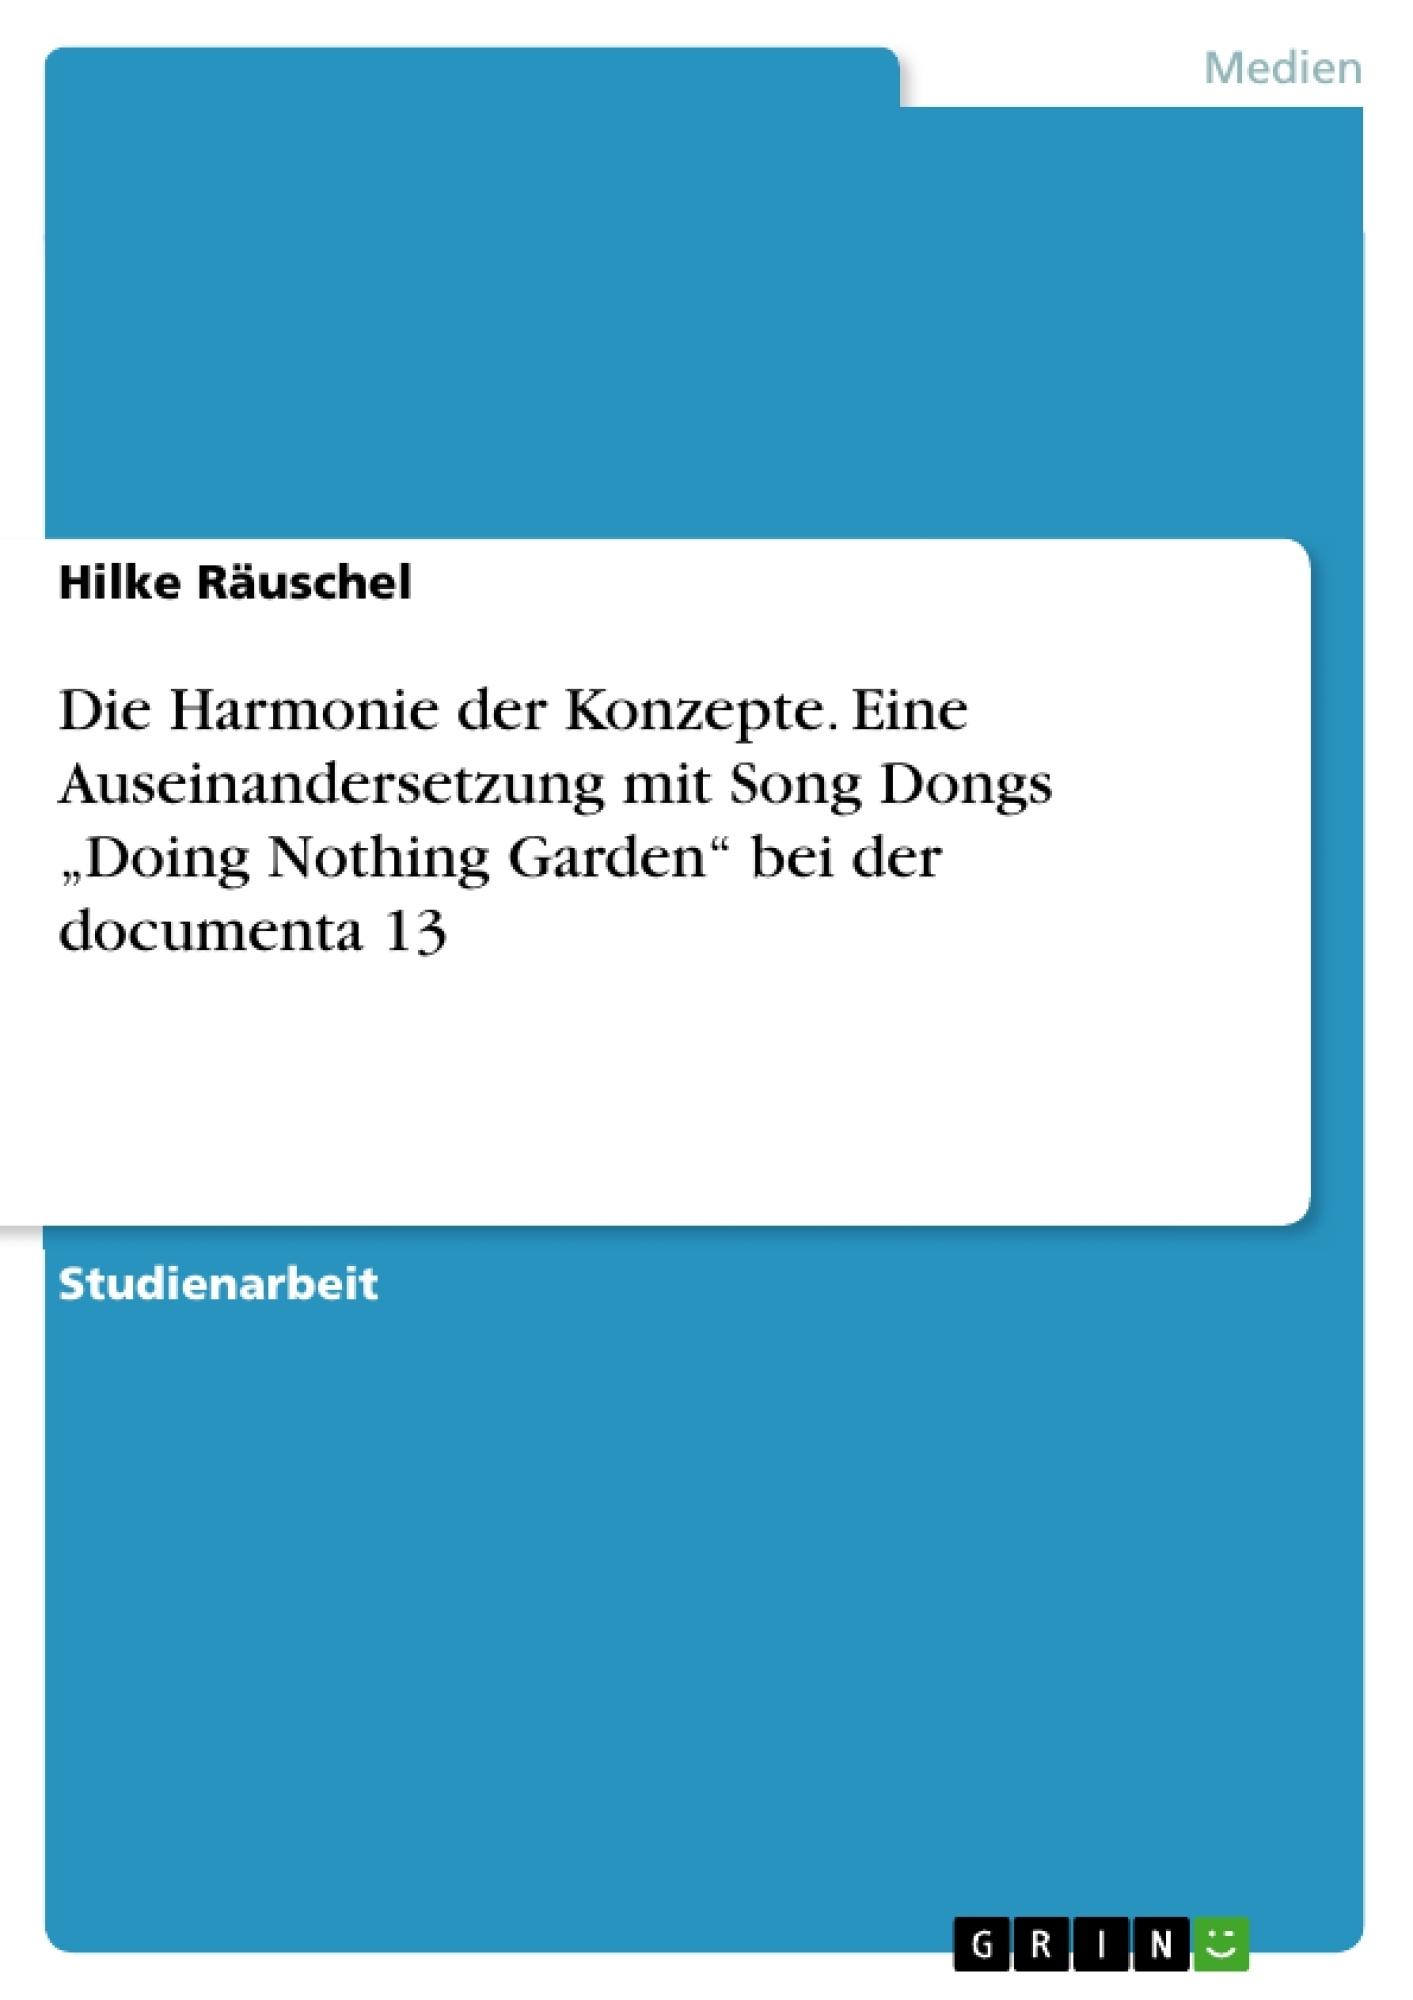 """Titel: Die Harmonie der Konzepte. Eine Auseinandersetzung mit Song Dongs """"Doing Nothing Garden"""" bei der documenta 13"""